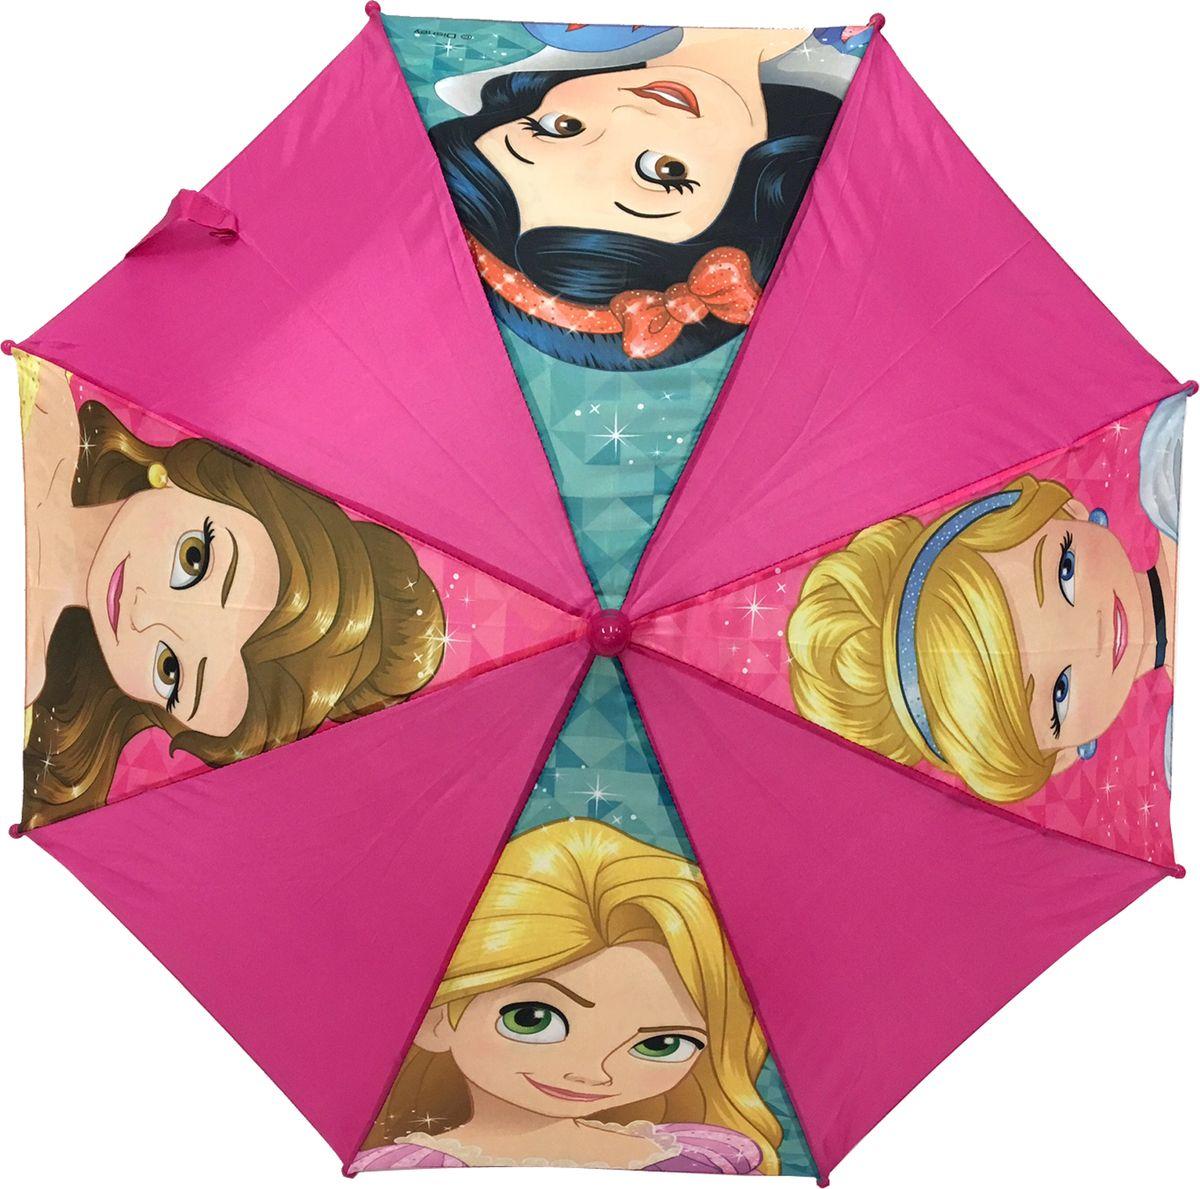 Зонт-трость для девочки Disney Princess, механический, цвет: розовый. 3479Пуссеты (гвоздики)Компактный детский зонтик-трость Disney Princess станет замечательным подарком и защитит вашу принцессу не только от дождя, но и от солнца. Красочный дизайн зонтика поднимет настроение и станет незаменимым атрибутом прогулки. Ребенок сможет сам открывать и закрывать зонтик, благодаря легкому механизму, а оригинальная расцветка зонтика привлечет к себе внимание. Тип механизма: механика (открывается и закрывается модель с помощью нажатия на кнопку). Конструкция зонта: зонт-трость.